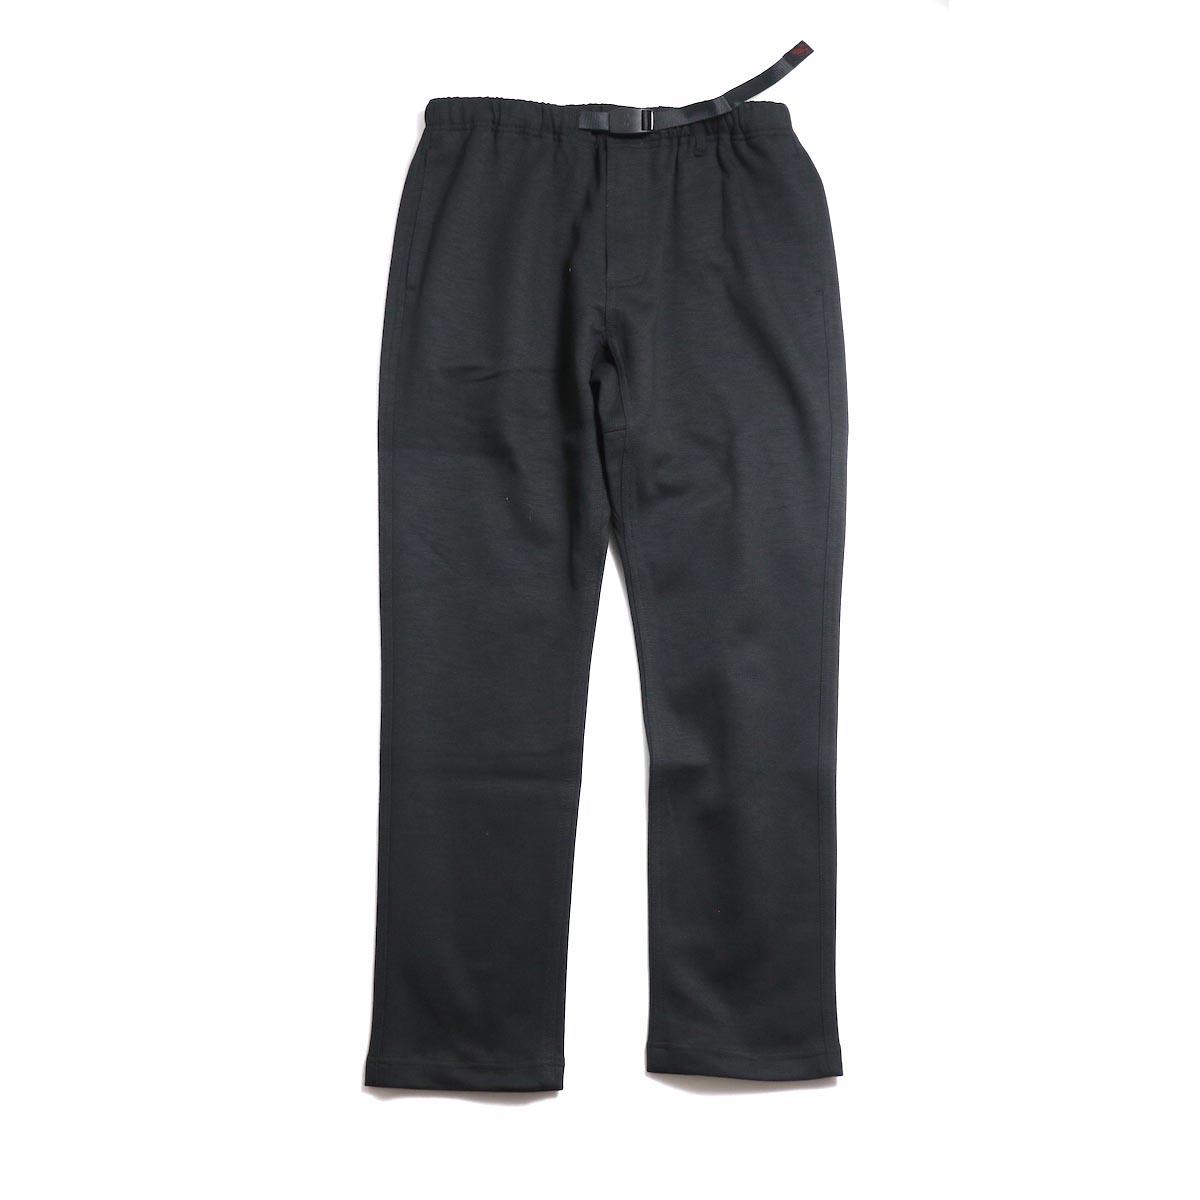 GRAMICCI / Coolmax Knit NN-Pants Tight Fit -Black